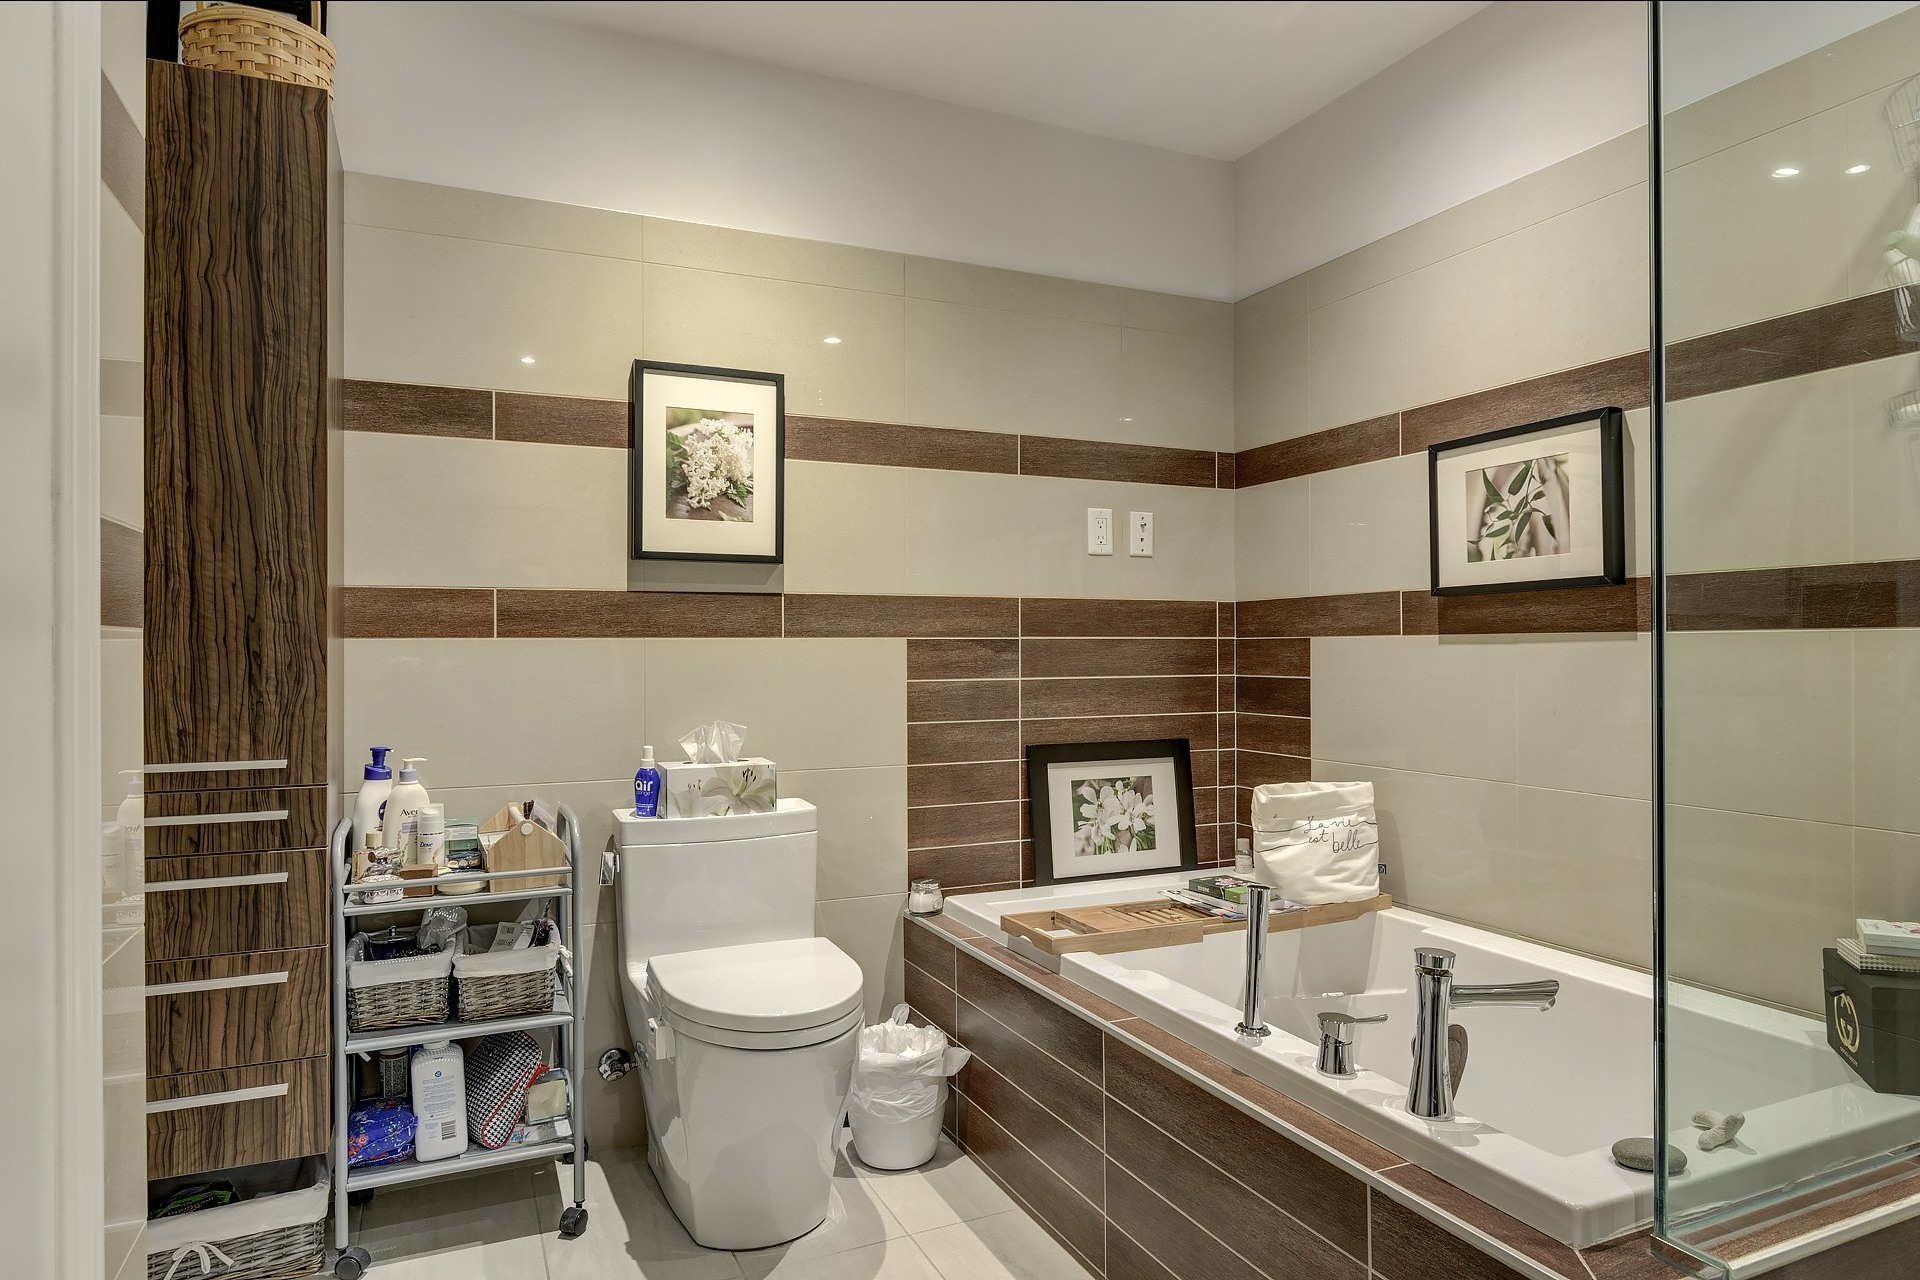 image 19 - Apartment For sale Côte-des-Neiges/Notre-Dame-de-Grâce Montréal  - 5 rooms